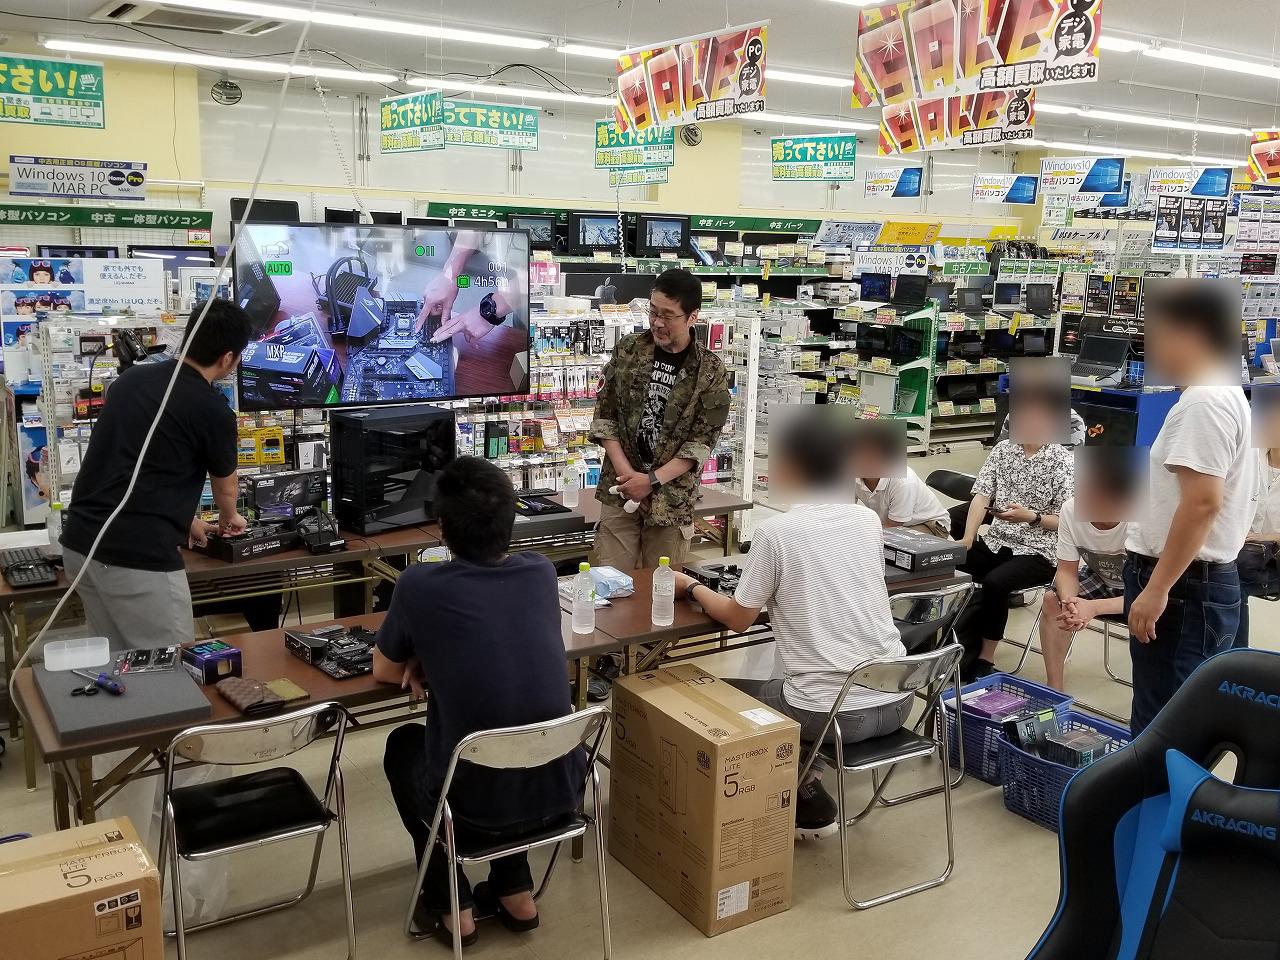 パソコン工房 富山店:左側が高橋敏也さん、右側が森田健介さん